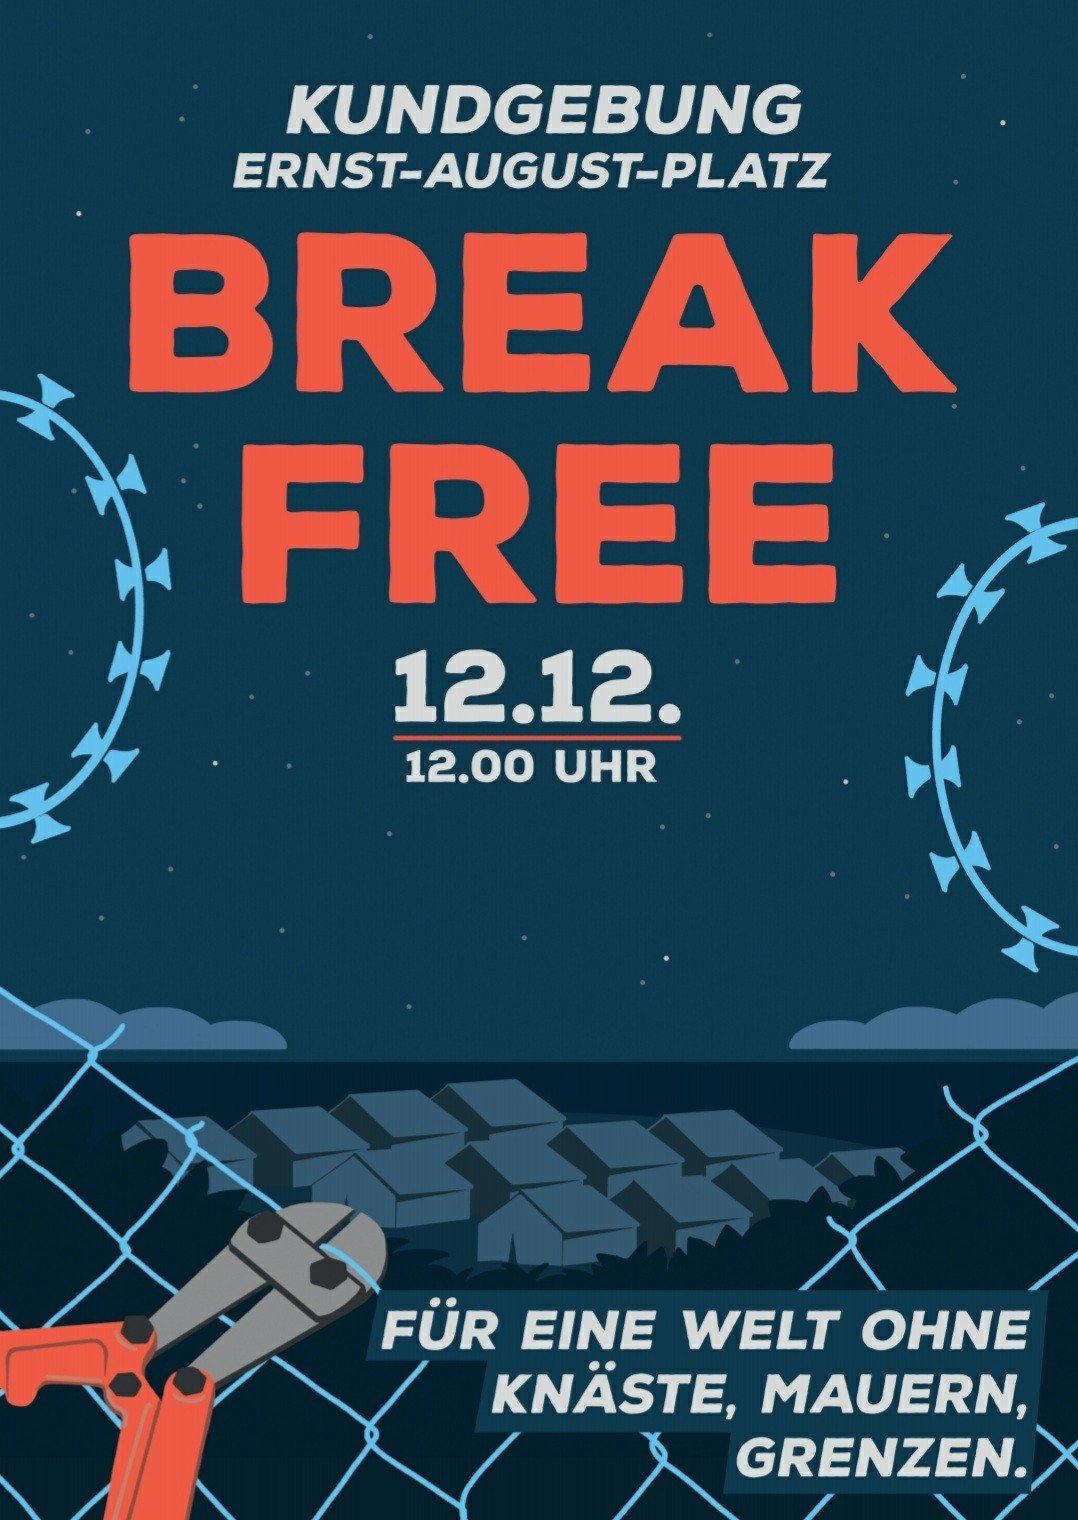 Break Free Kundgebung gegen Abschiebehaft Hannover 2020